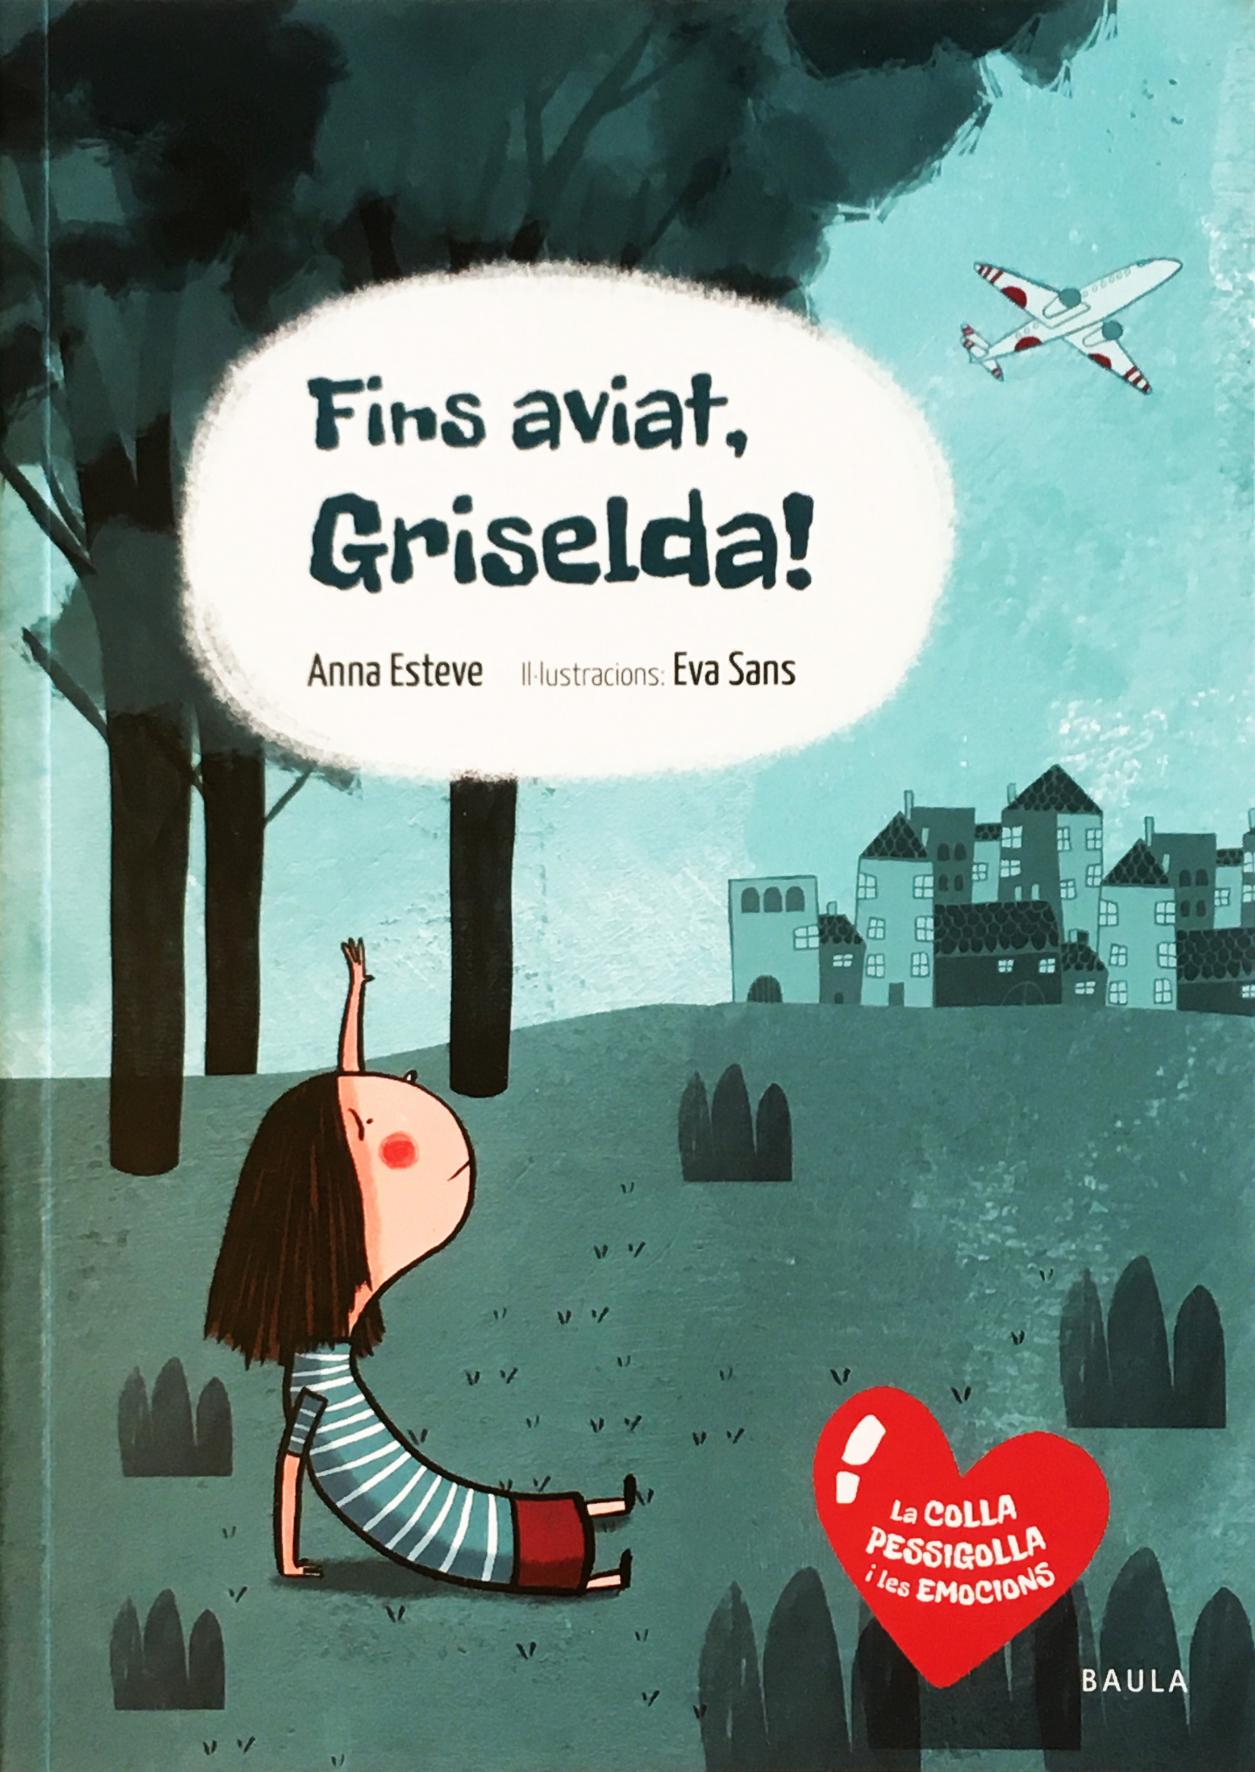 Fins aviat, Grisselda! 1